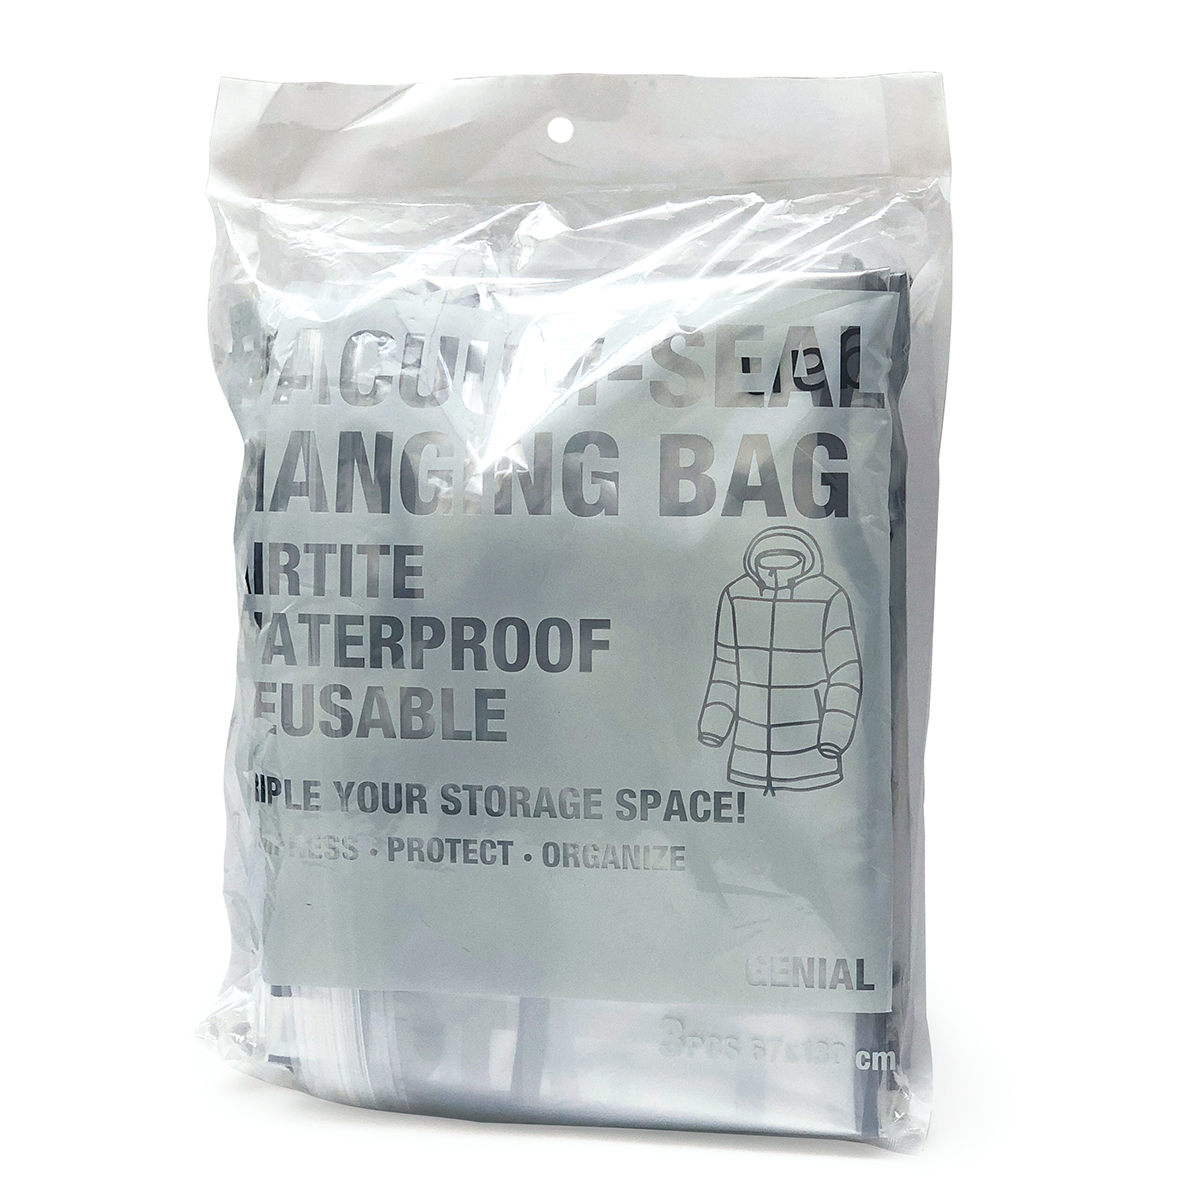 スライド十派ー|ハンガーごと収納OK、シワ・型崩れ知らずの衣類圧縮バッグ|vacuum seal hanging bag